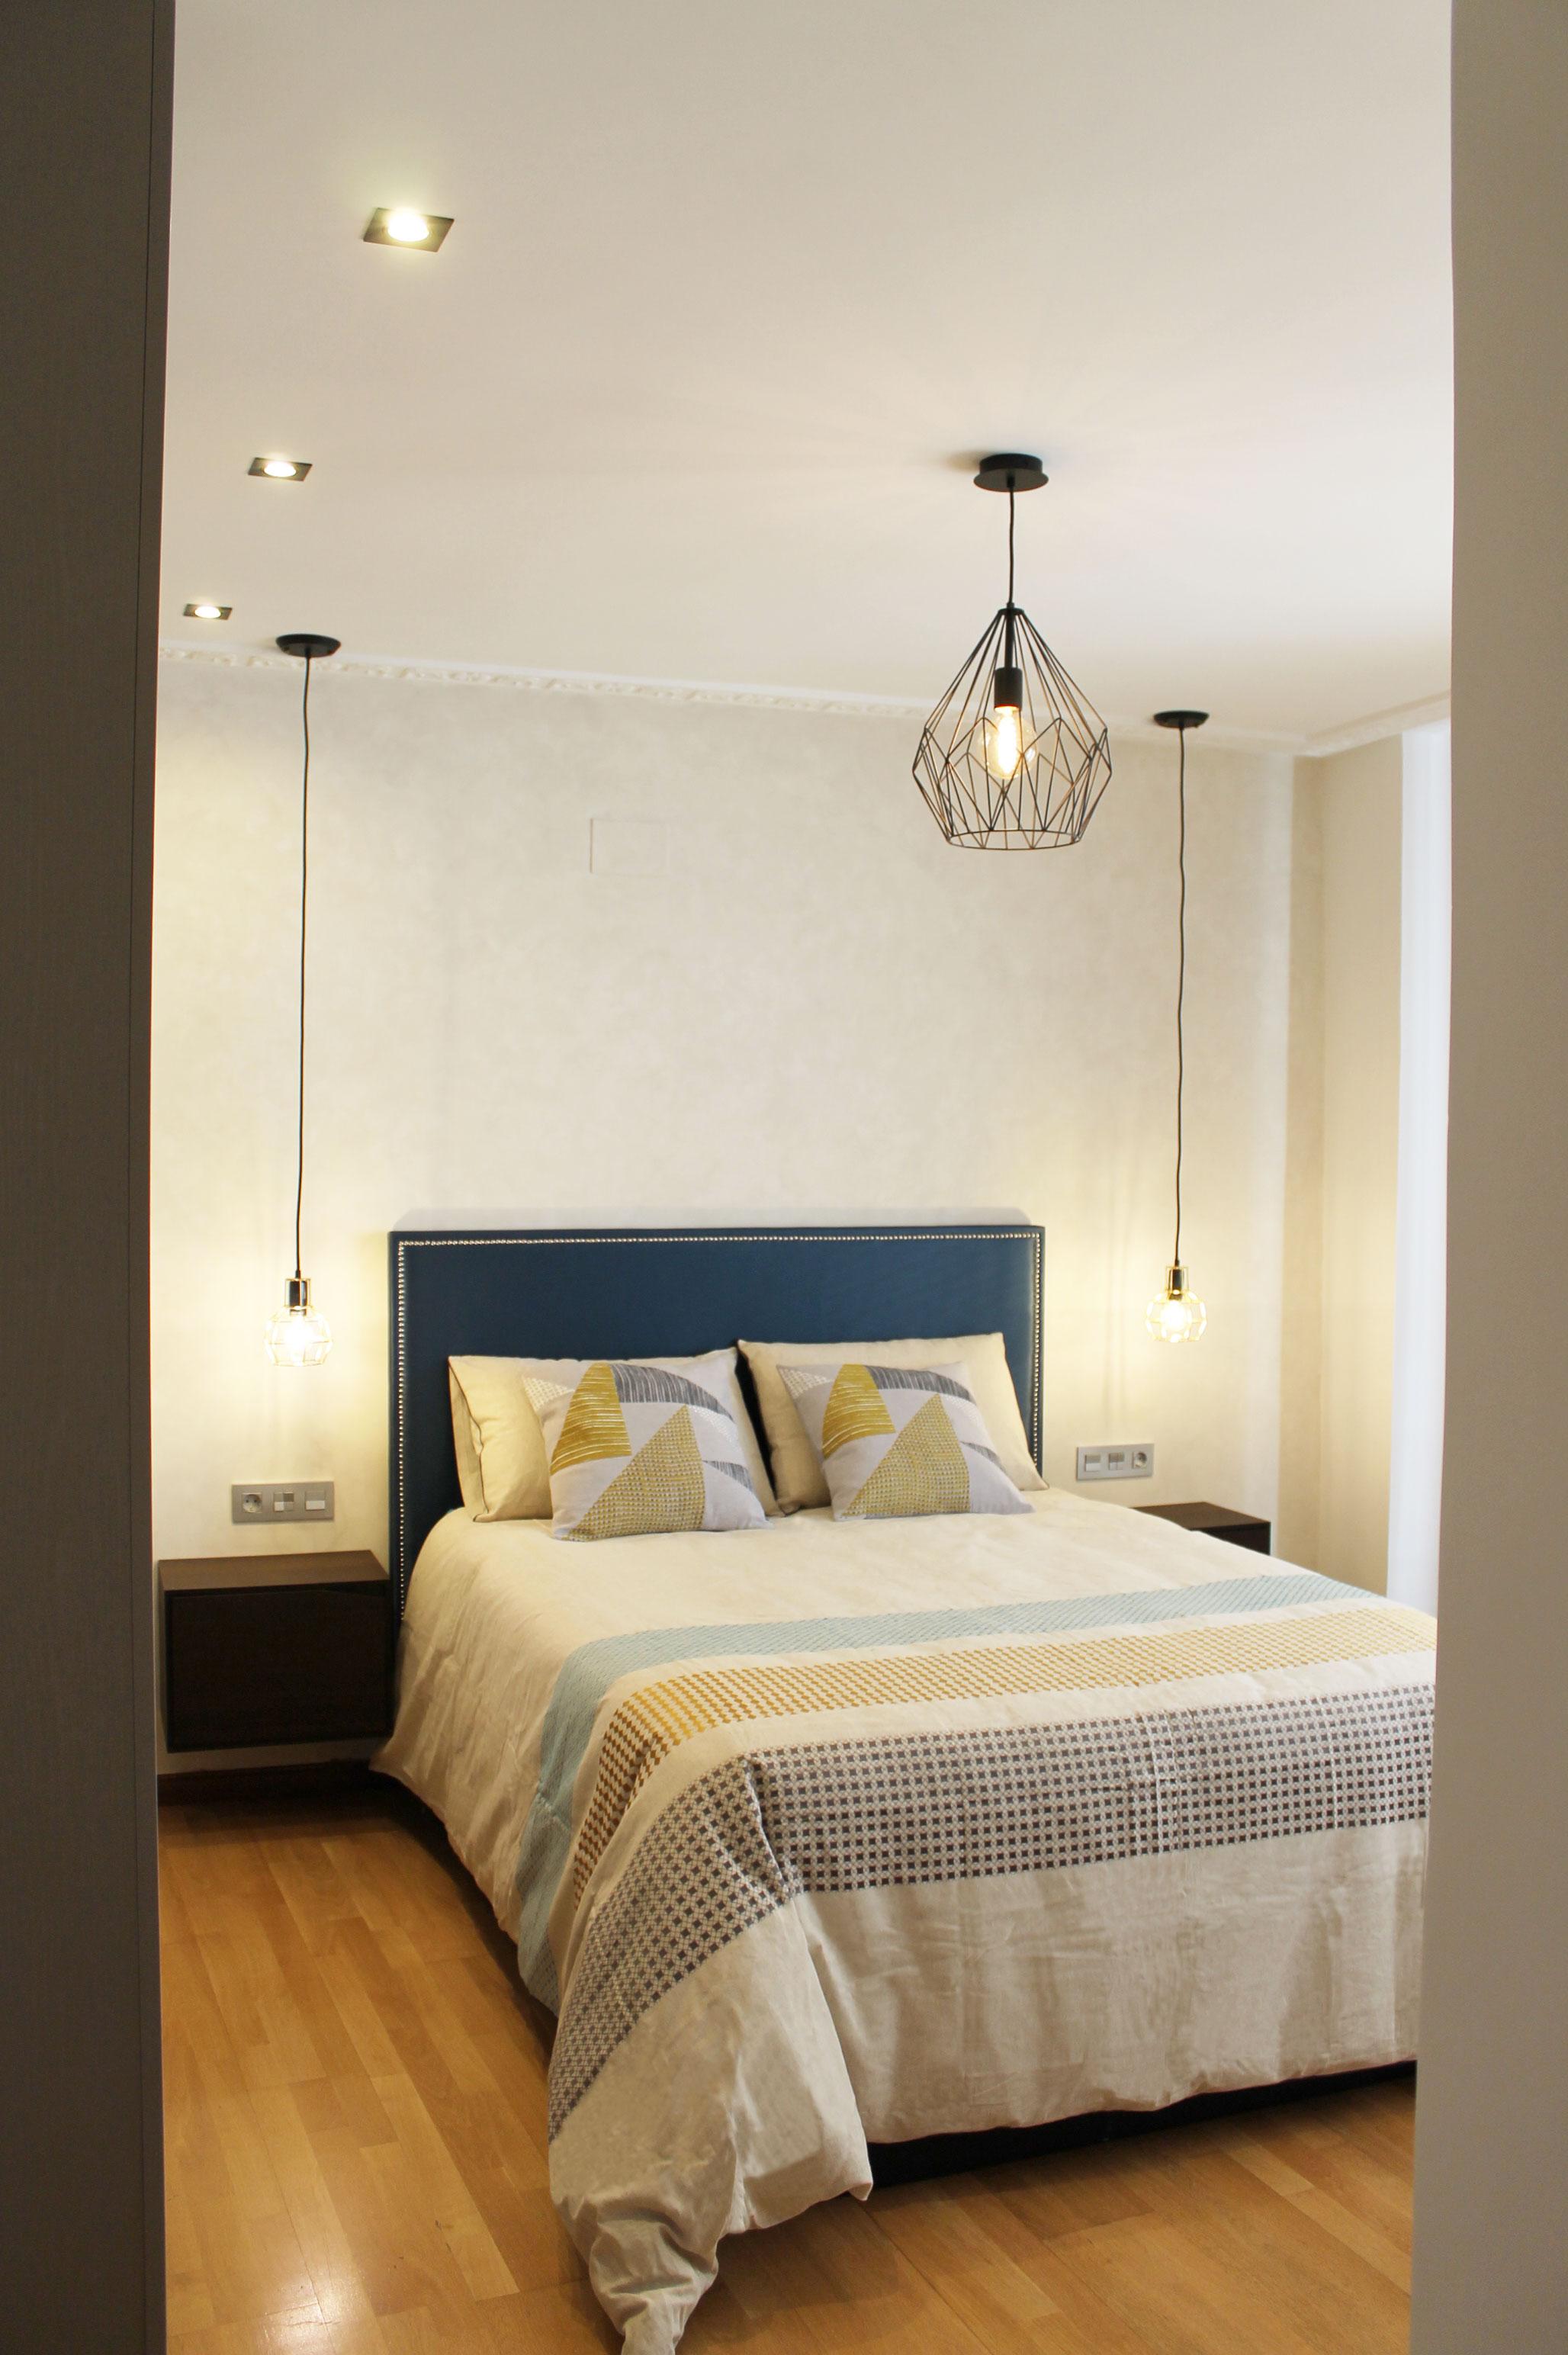 B's Bedroom